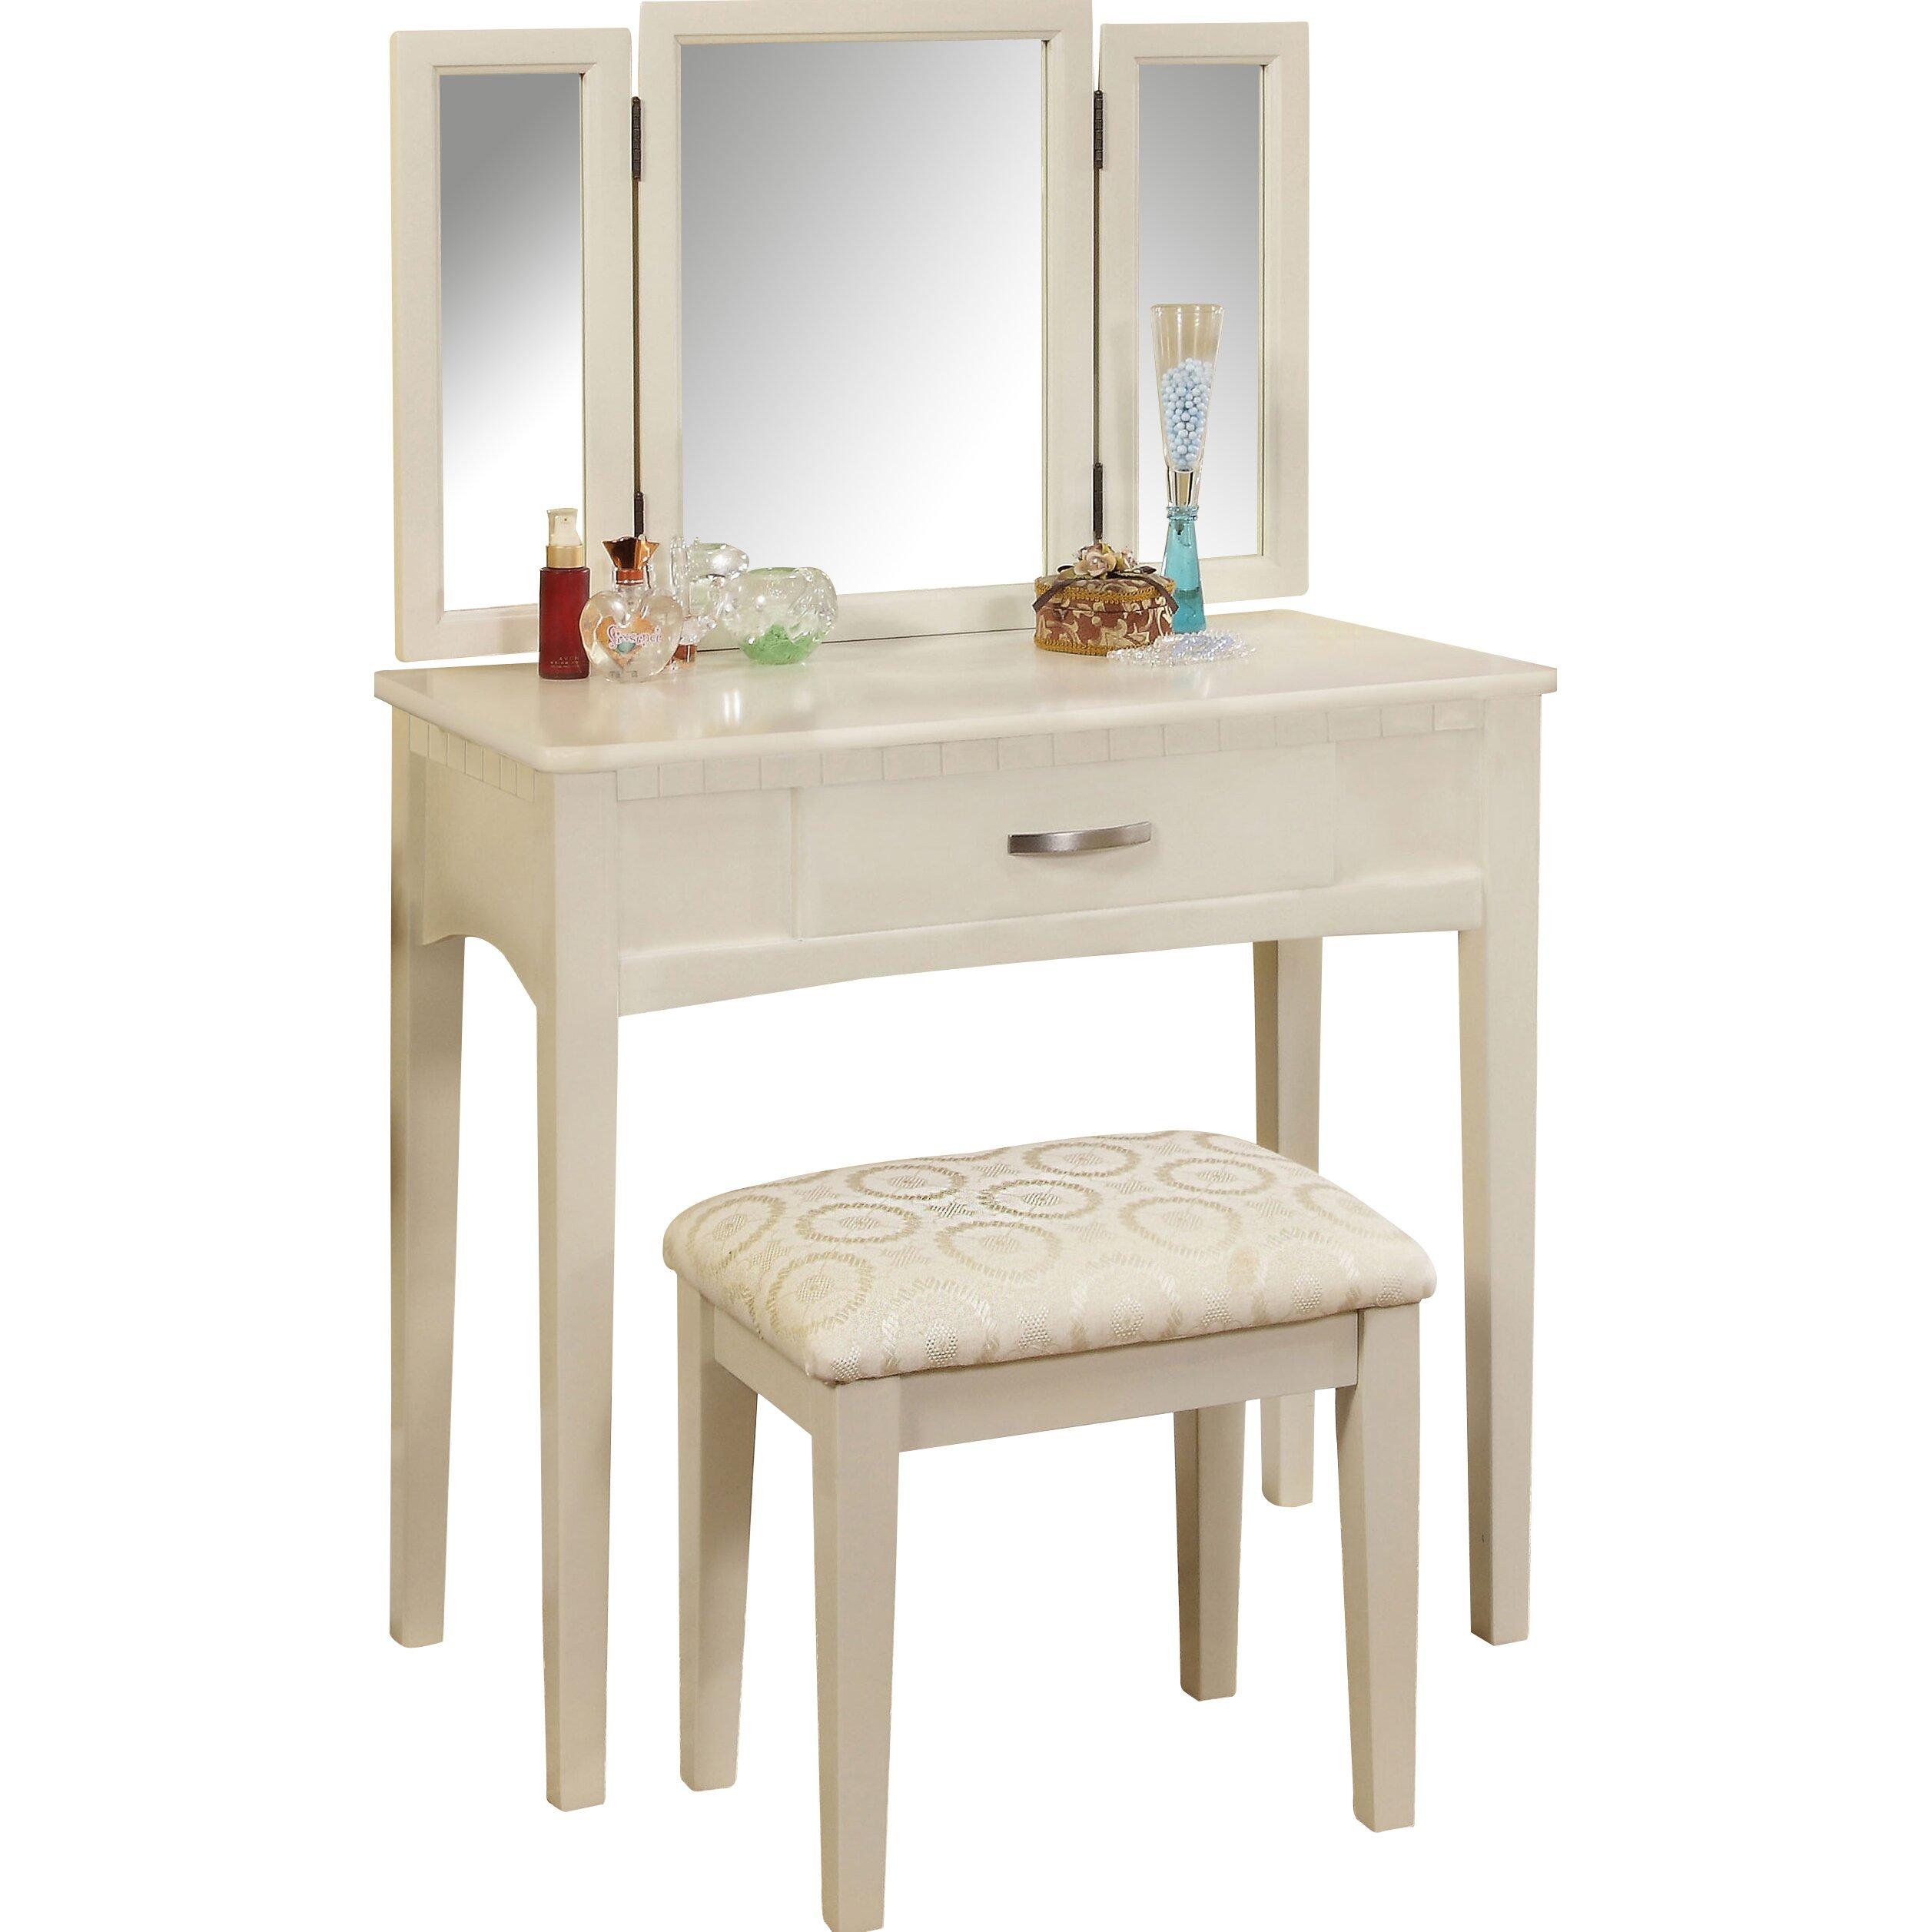 Hokku Designs Luisa Vanity with Mirror  amp  Stool Set. Hokku Designs Luisa Vanity with Mirror   Stool Set   Reviews   Wayfair